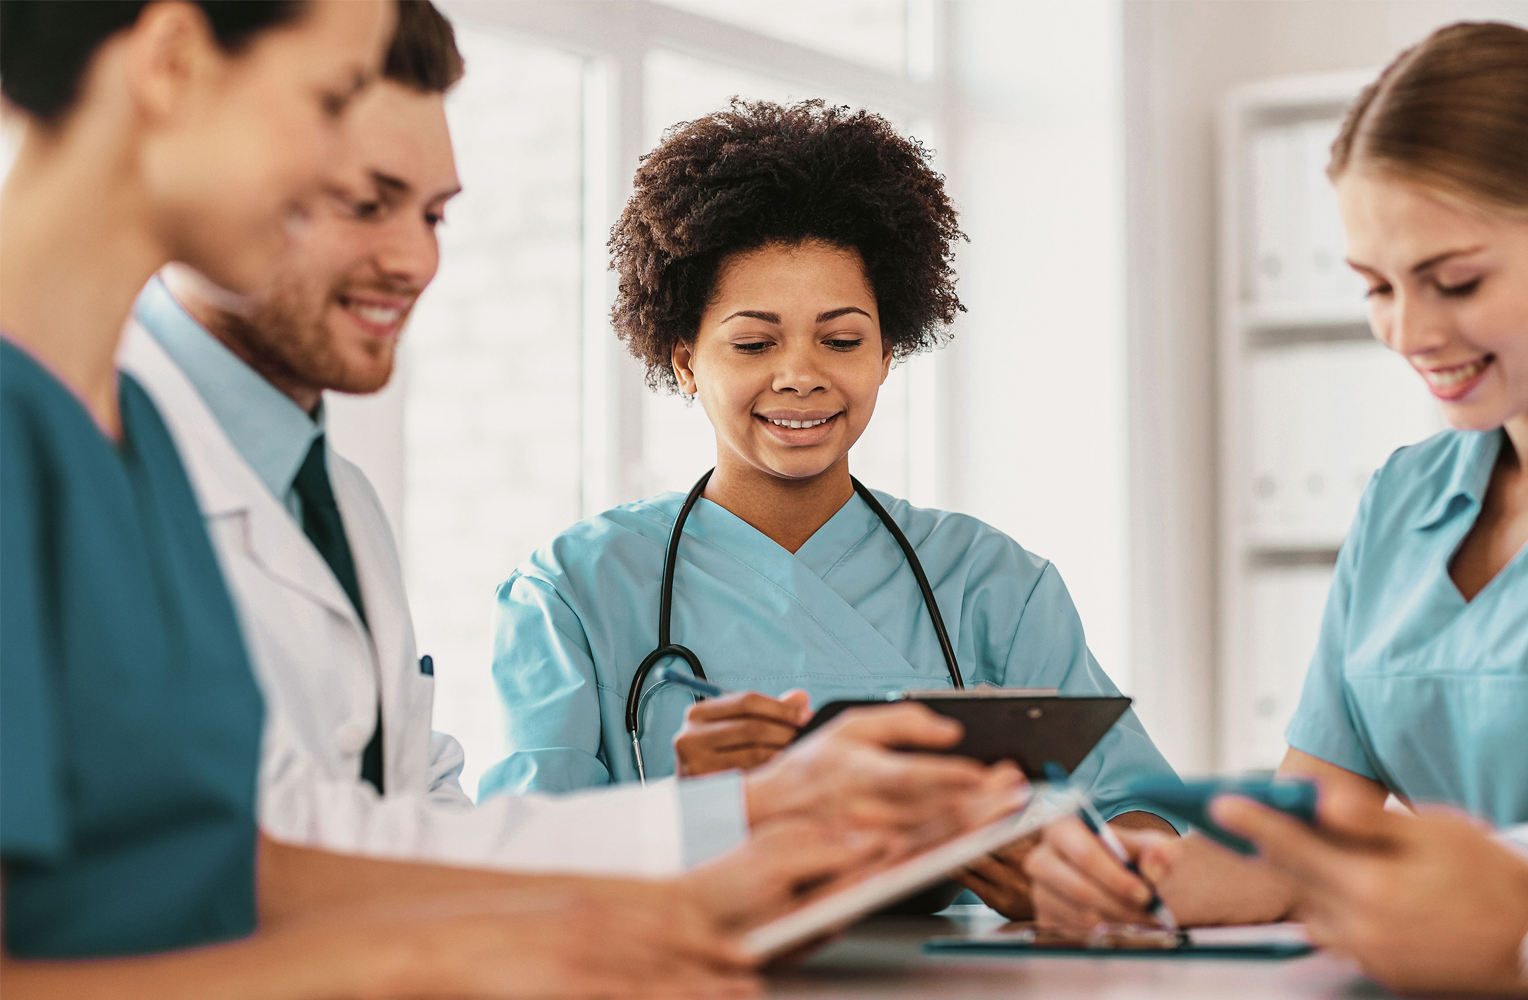 Vier junge Menschen in Arztkleidung sitzen um einen Tisch herum.